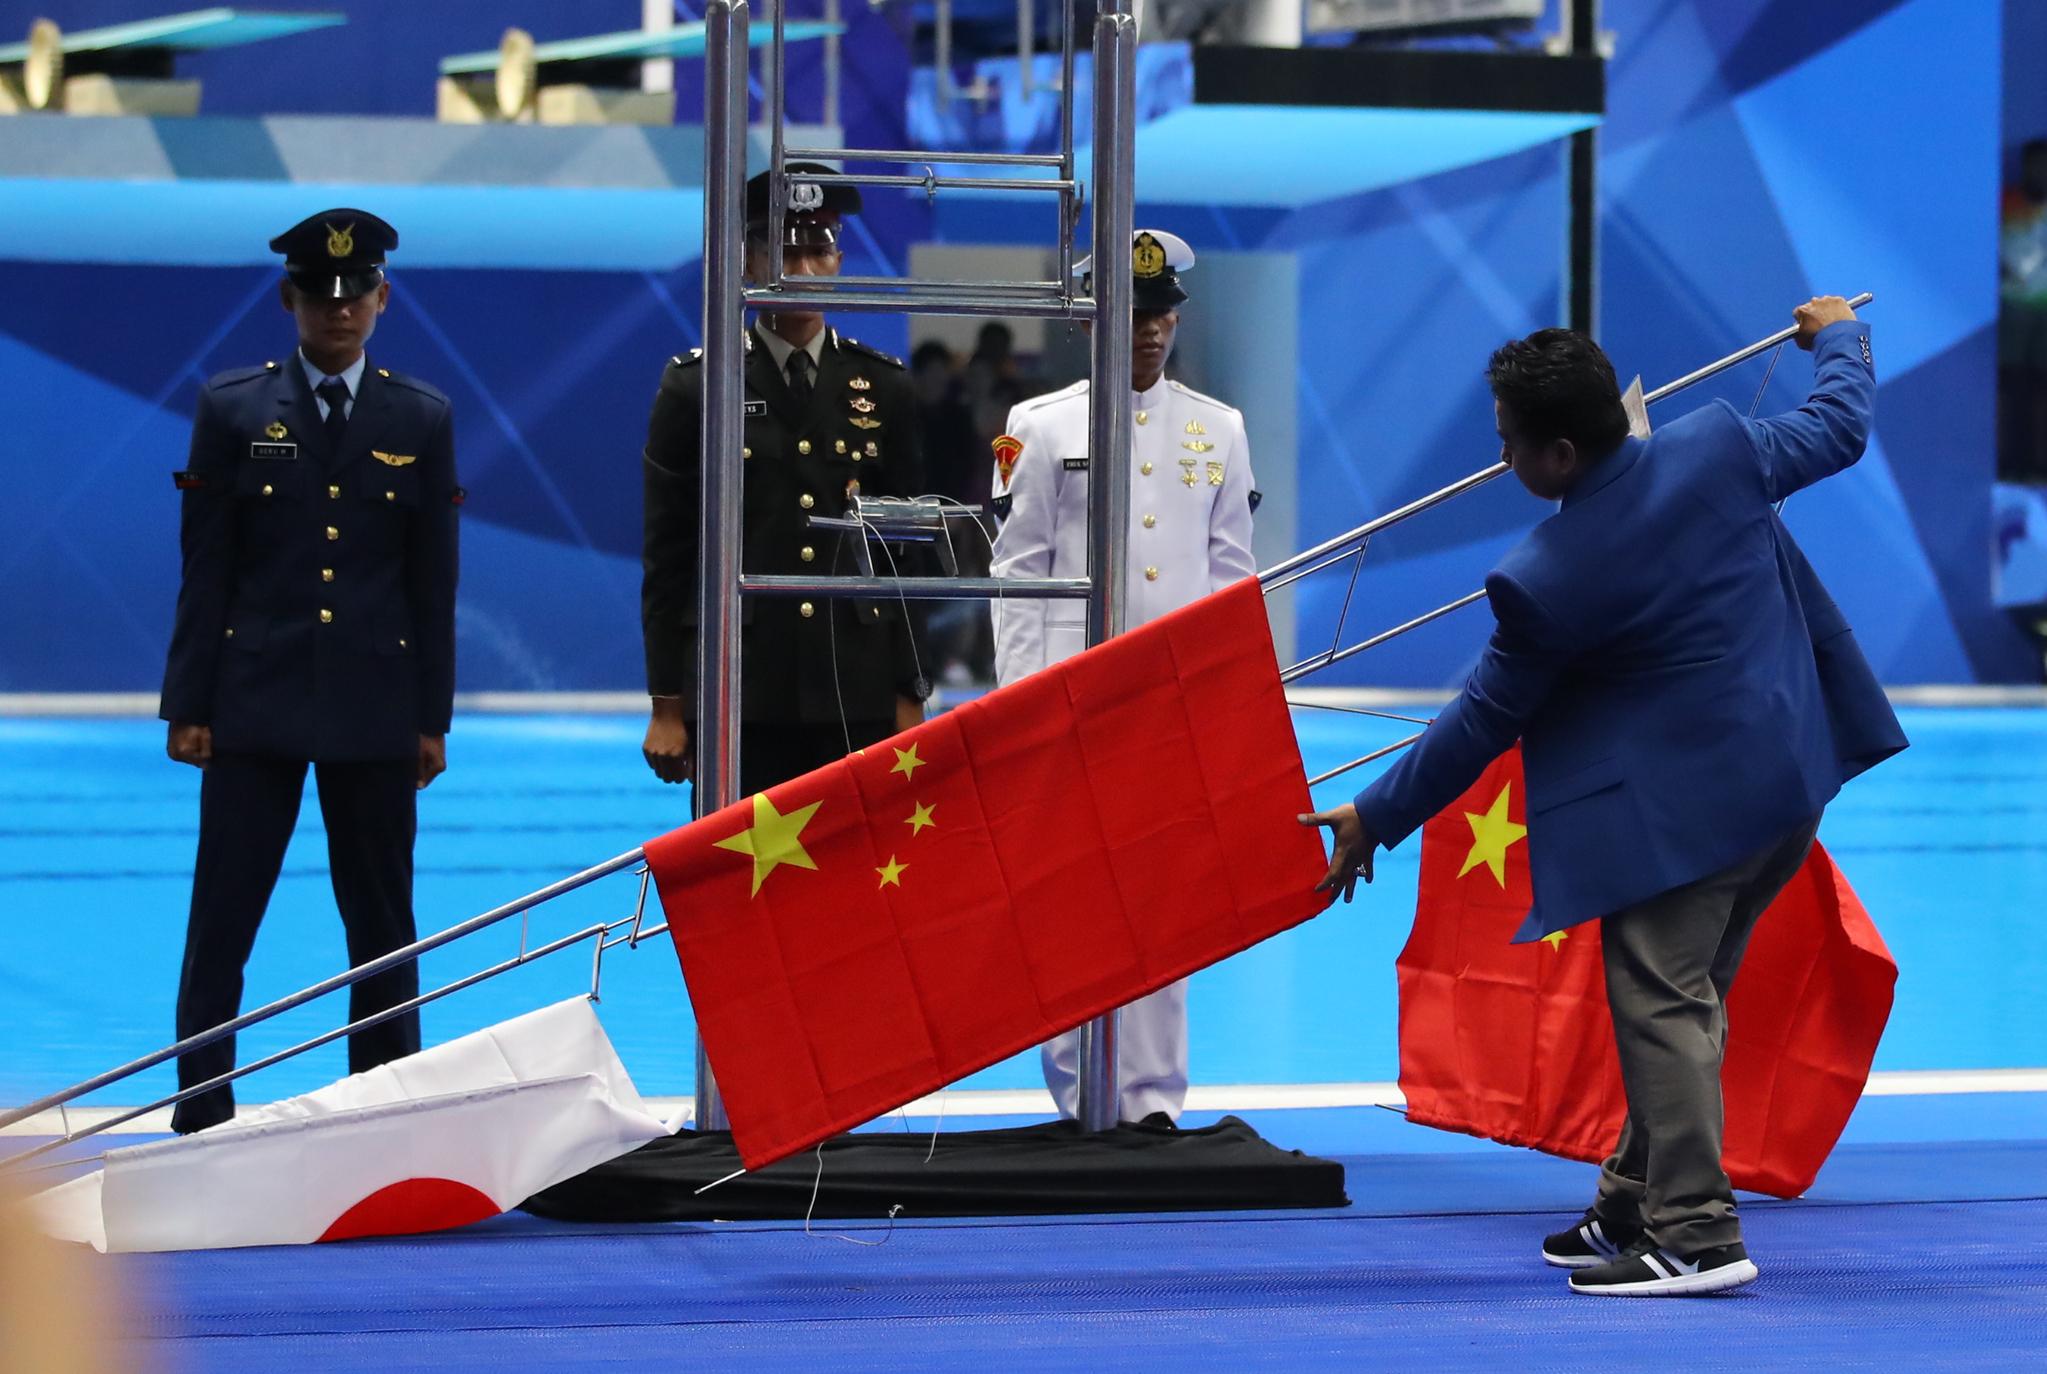 19일 오후 (현지시간) 인도네시아 자카르타 겔로라 붕 카르노 아쿠아틱스타디움에서 열린 2018 자카르타-팔렘방 아시안게임 수영 남자 200m 시상식에서 국가가 울려퍼지자 올라가던 중국과 일본의 국기가 갑자기 바닥에 떨어지자 운영요원들이 수습하고 있다.